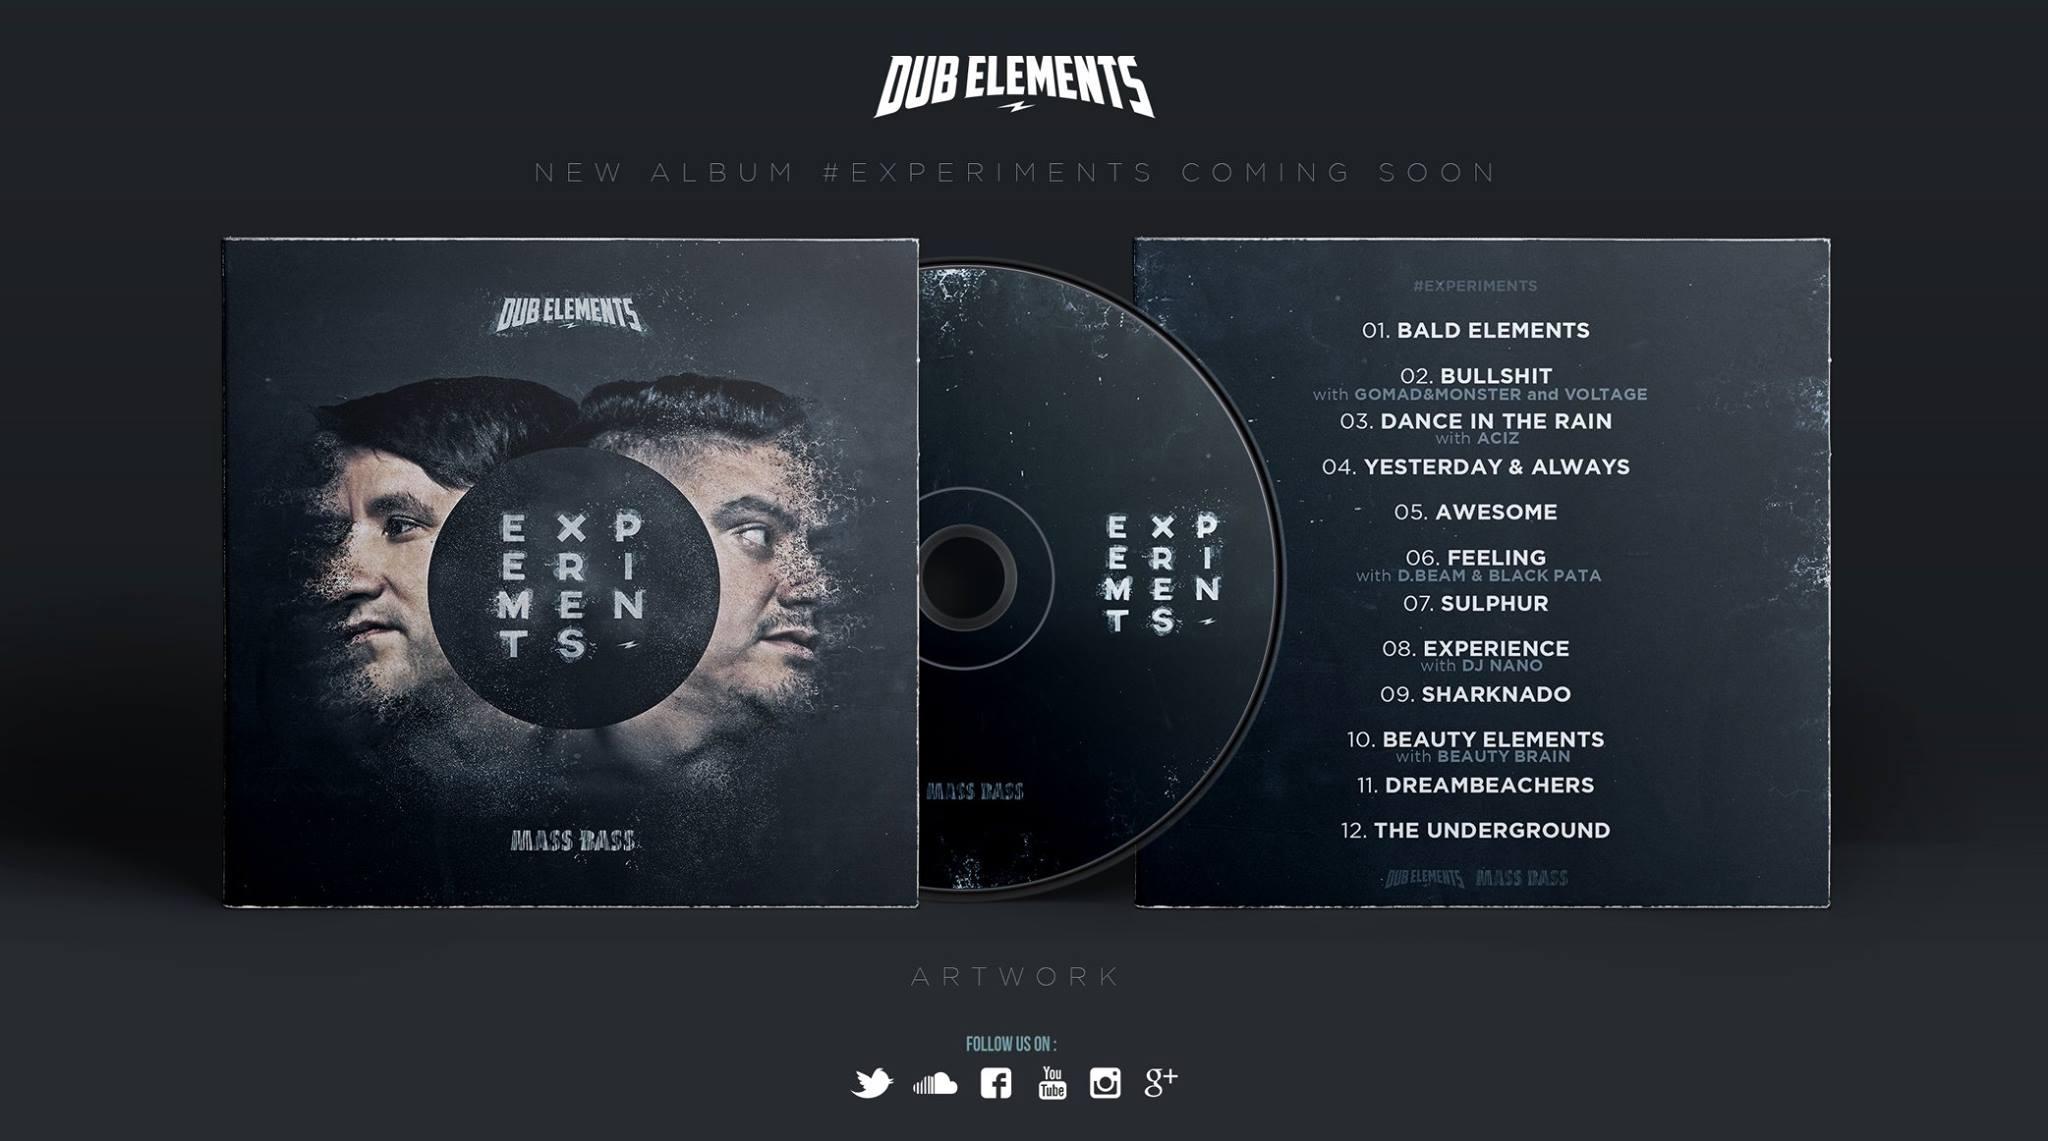 dub elements - experiments_NRFmagazine